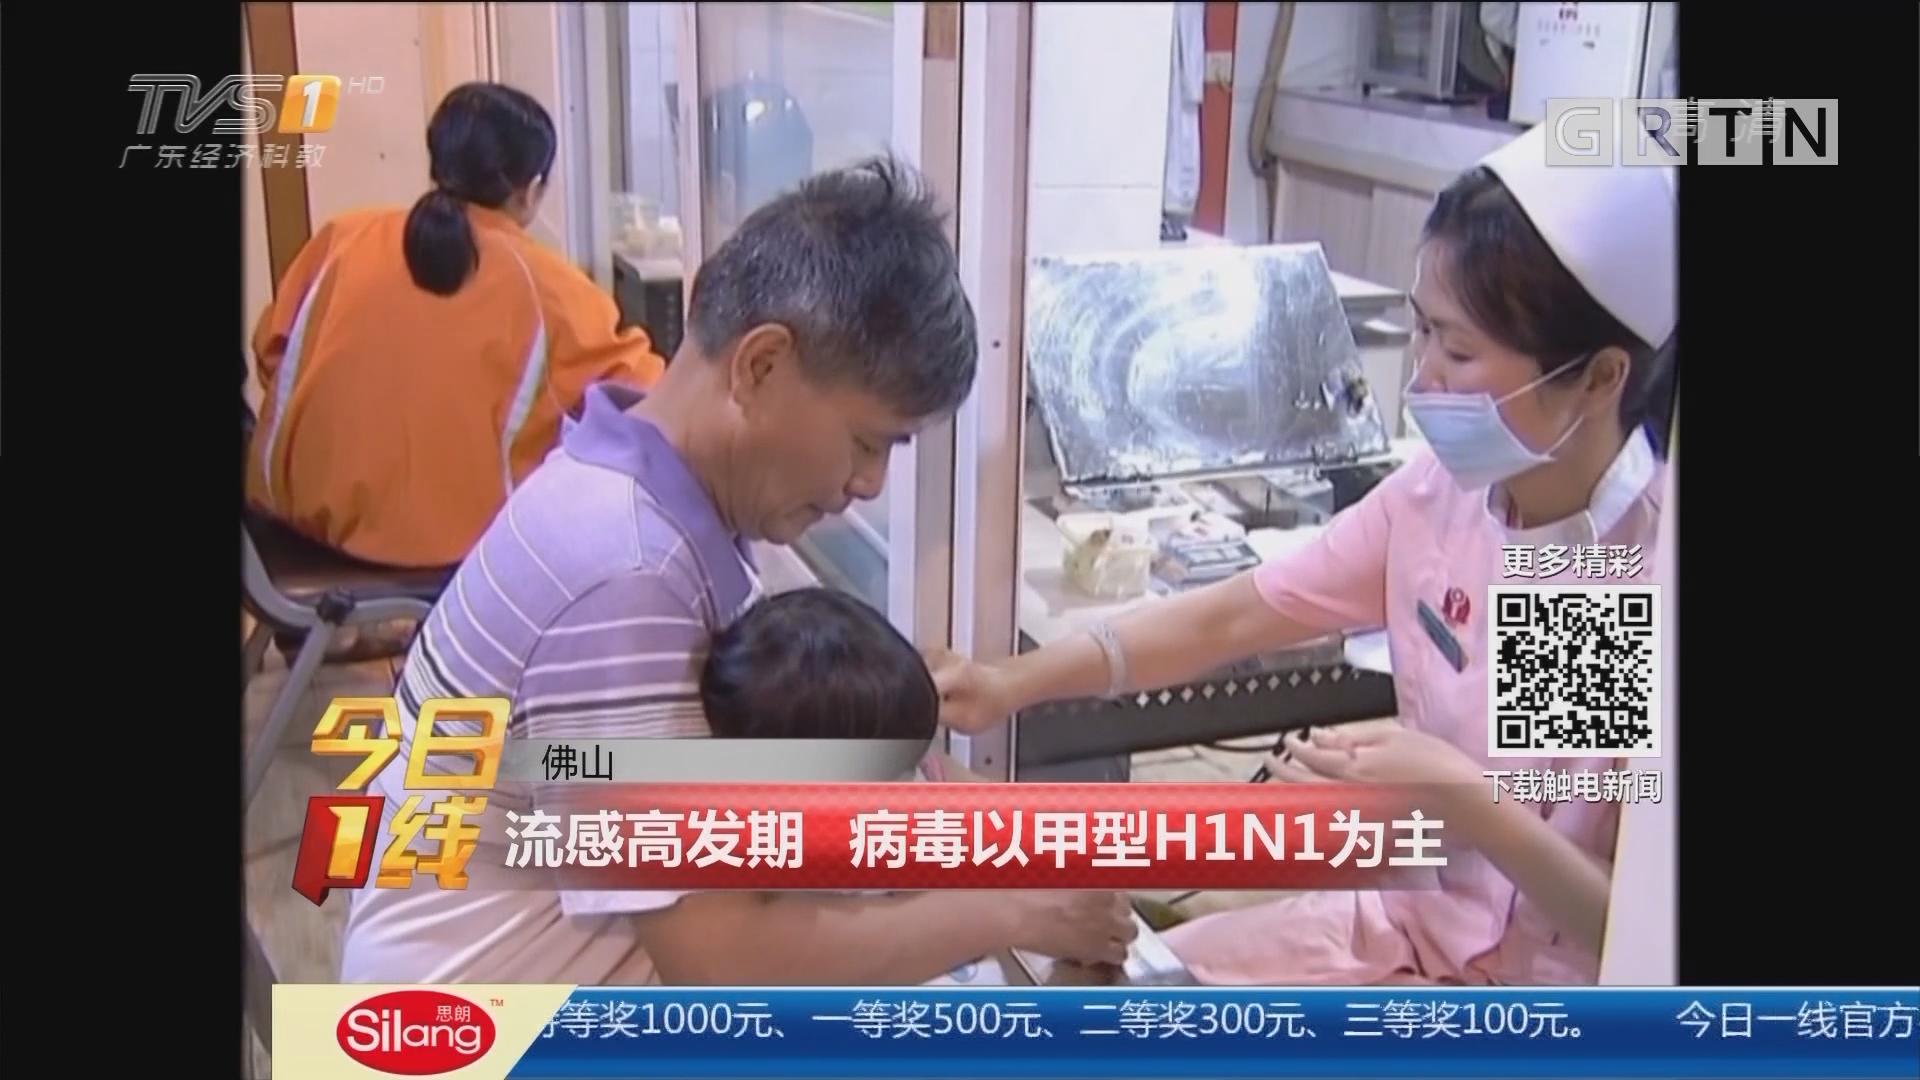 佛山:流感高发期 病毒以甲型H1N1为主